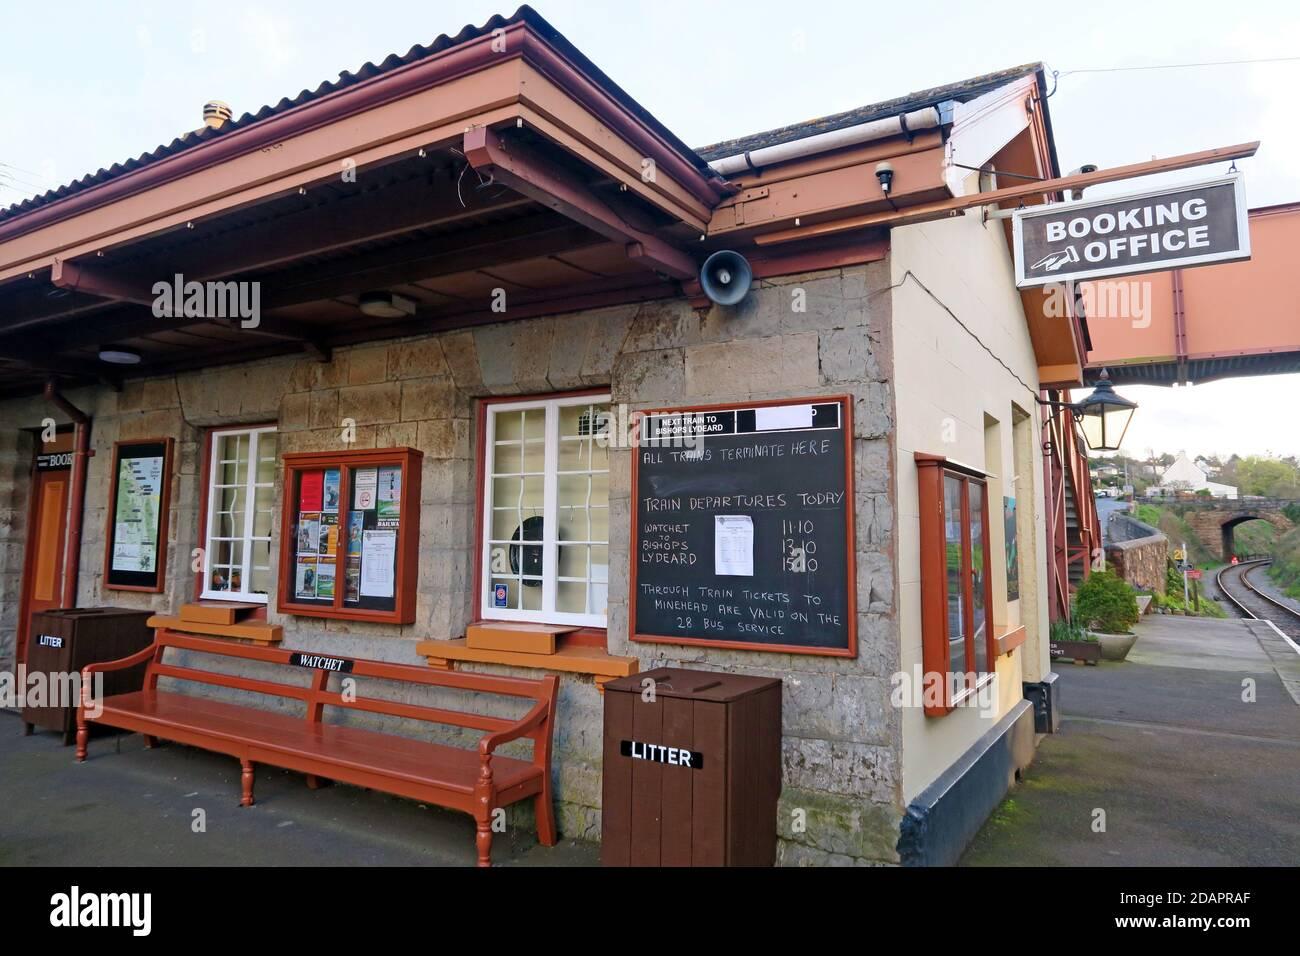 Dieses Stockfoto: Watchet Station Buchungsbüro, Zug Zeiten Bord, West Somerset Railway, Somerset, South West England, Großbritannien - 2DAPRA